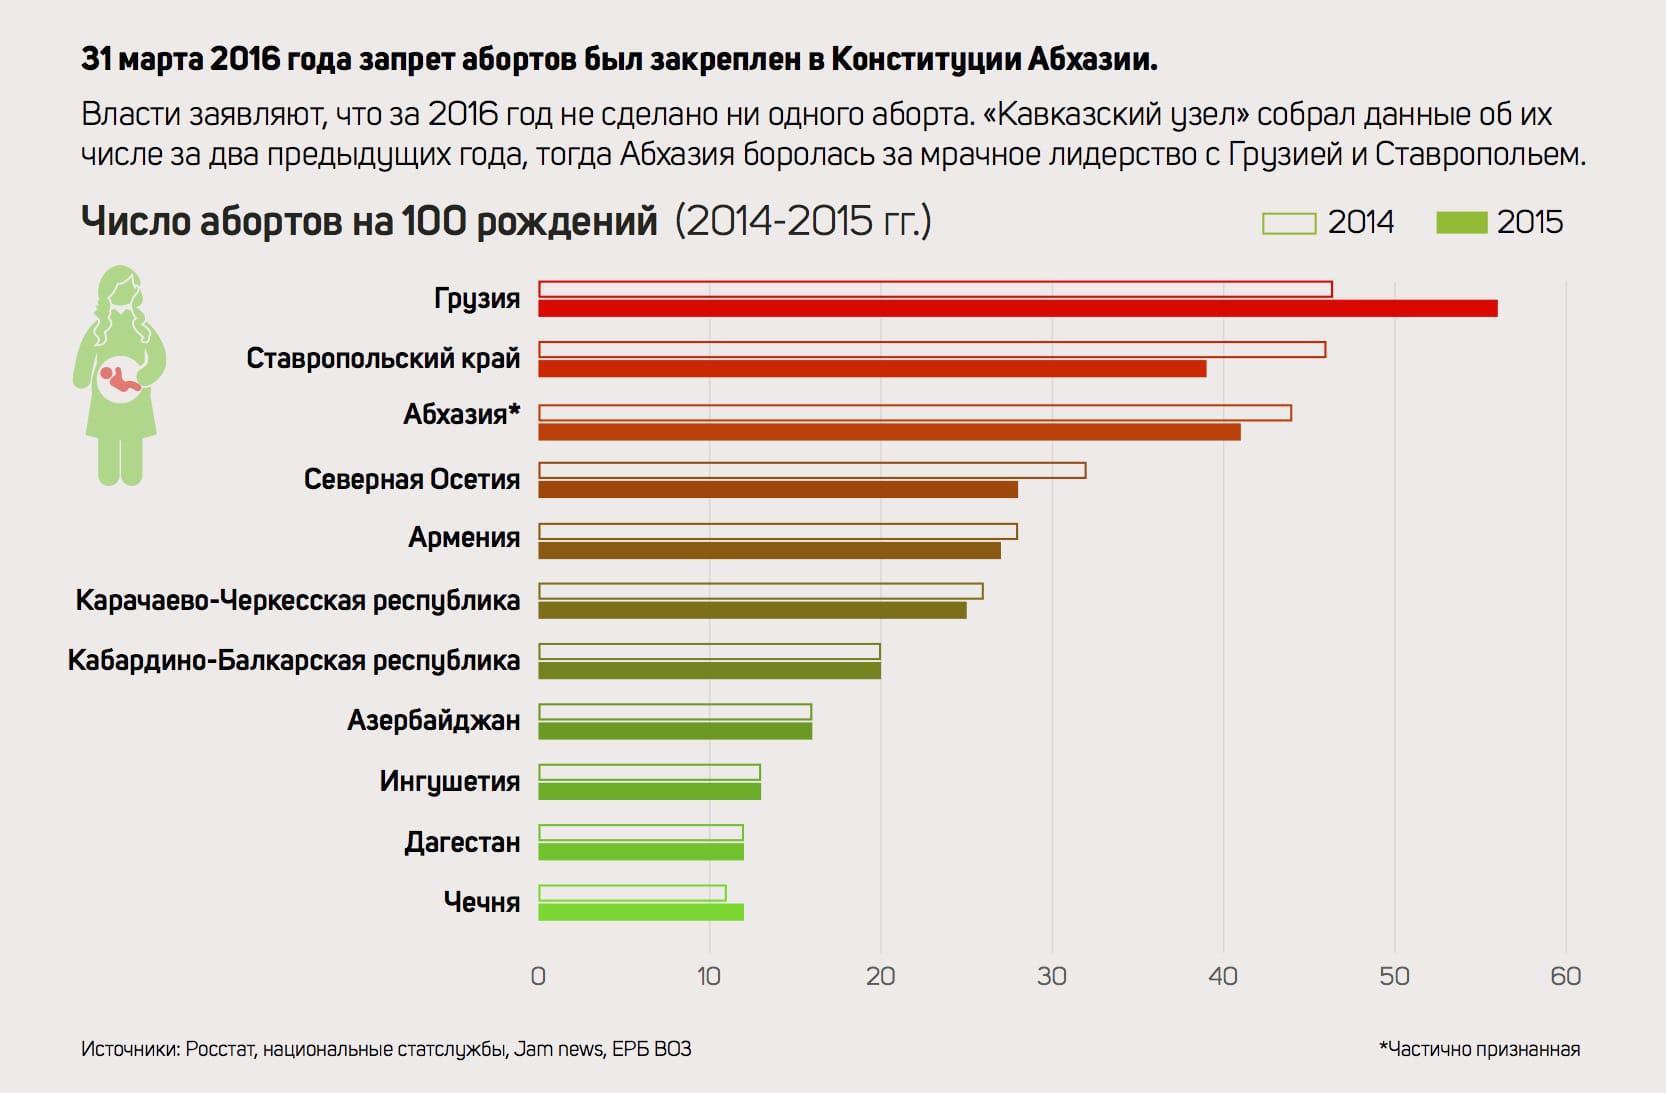 Год безо абортов во Абхазии: сравниваем статистику по мнению Кавказу